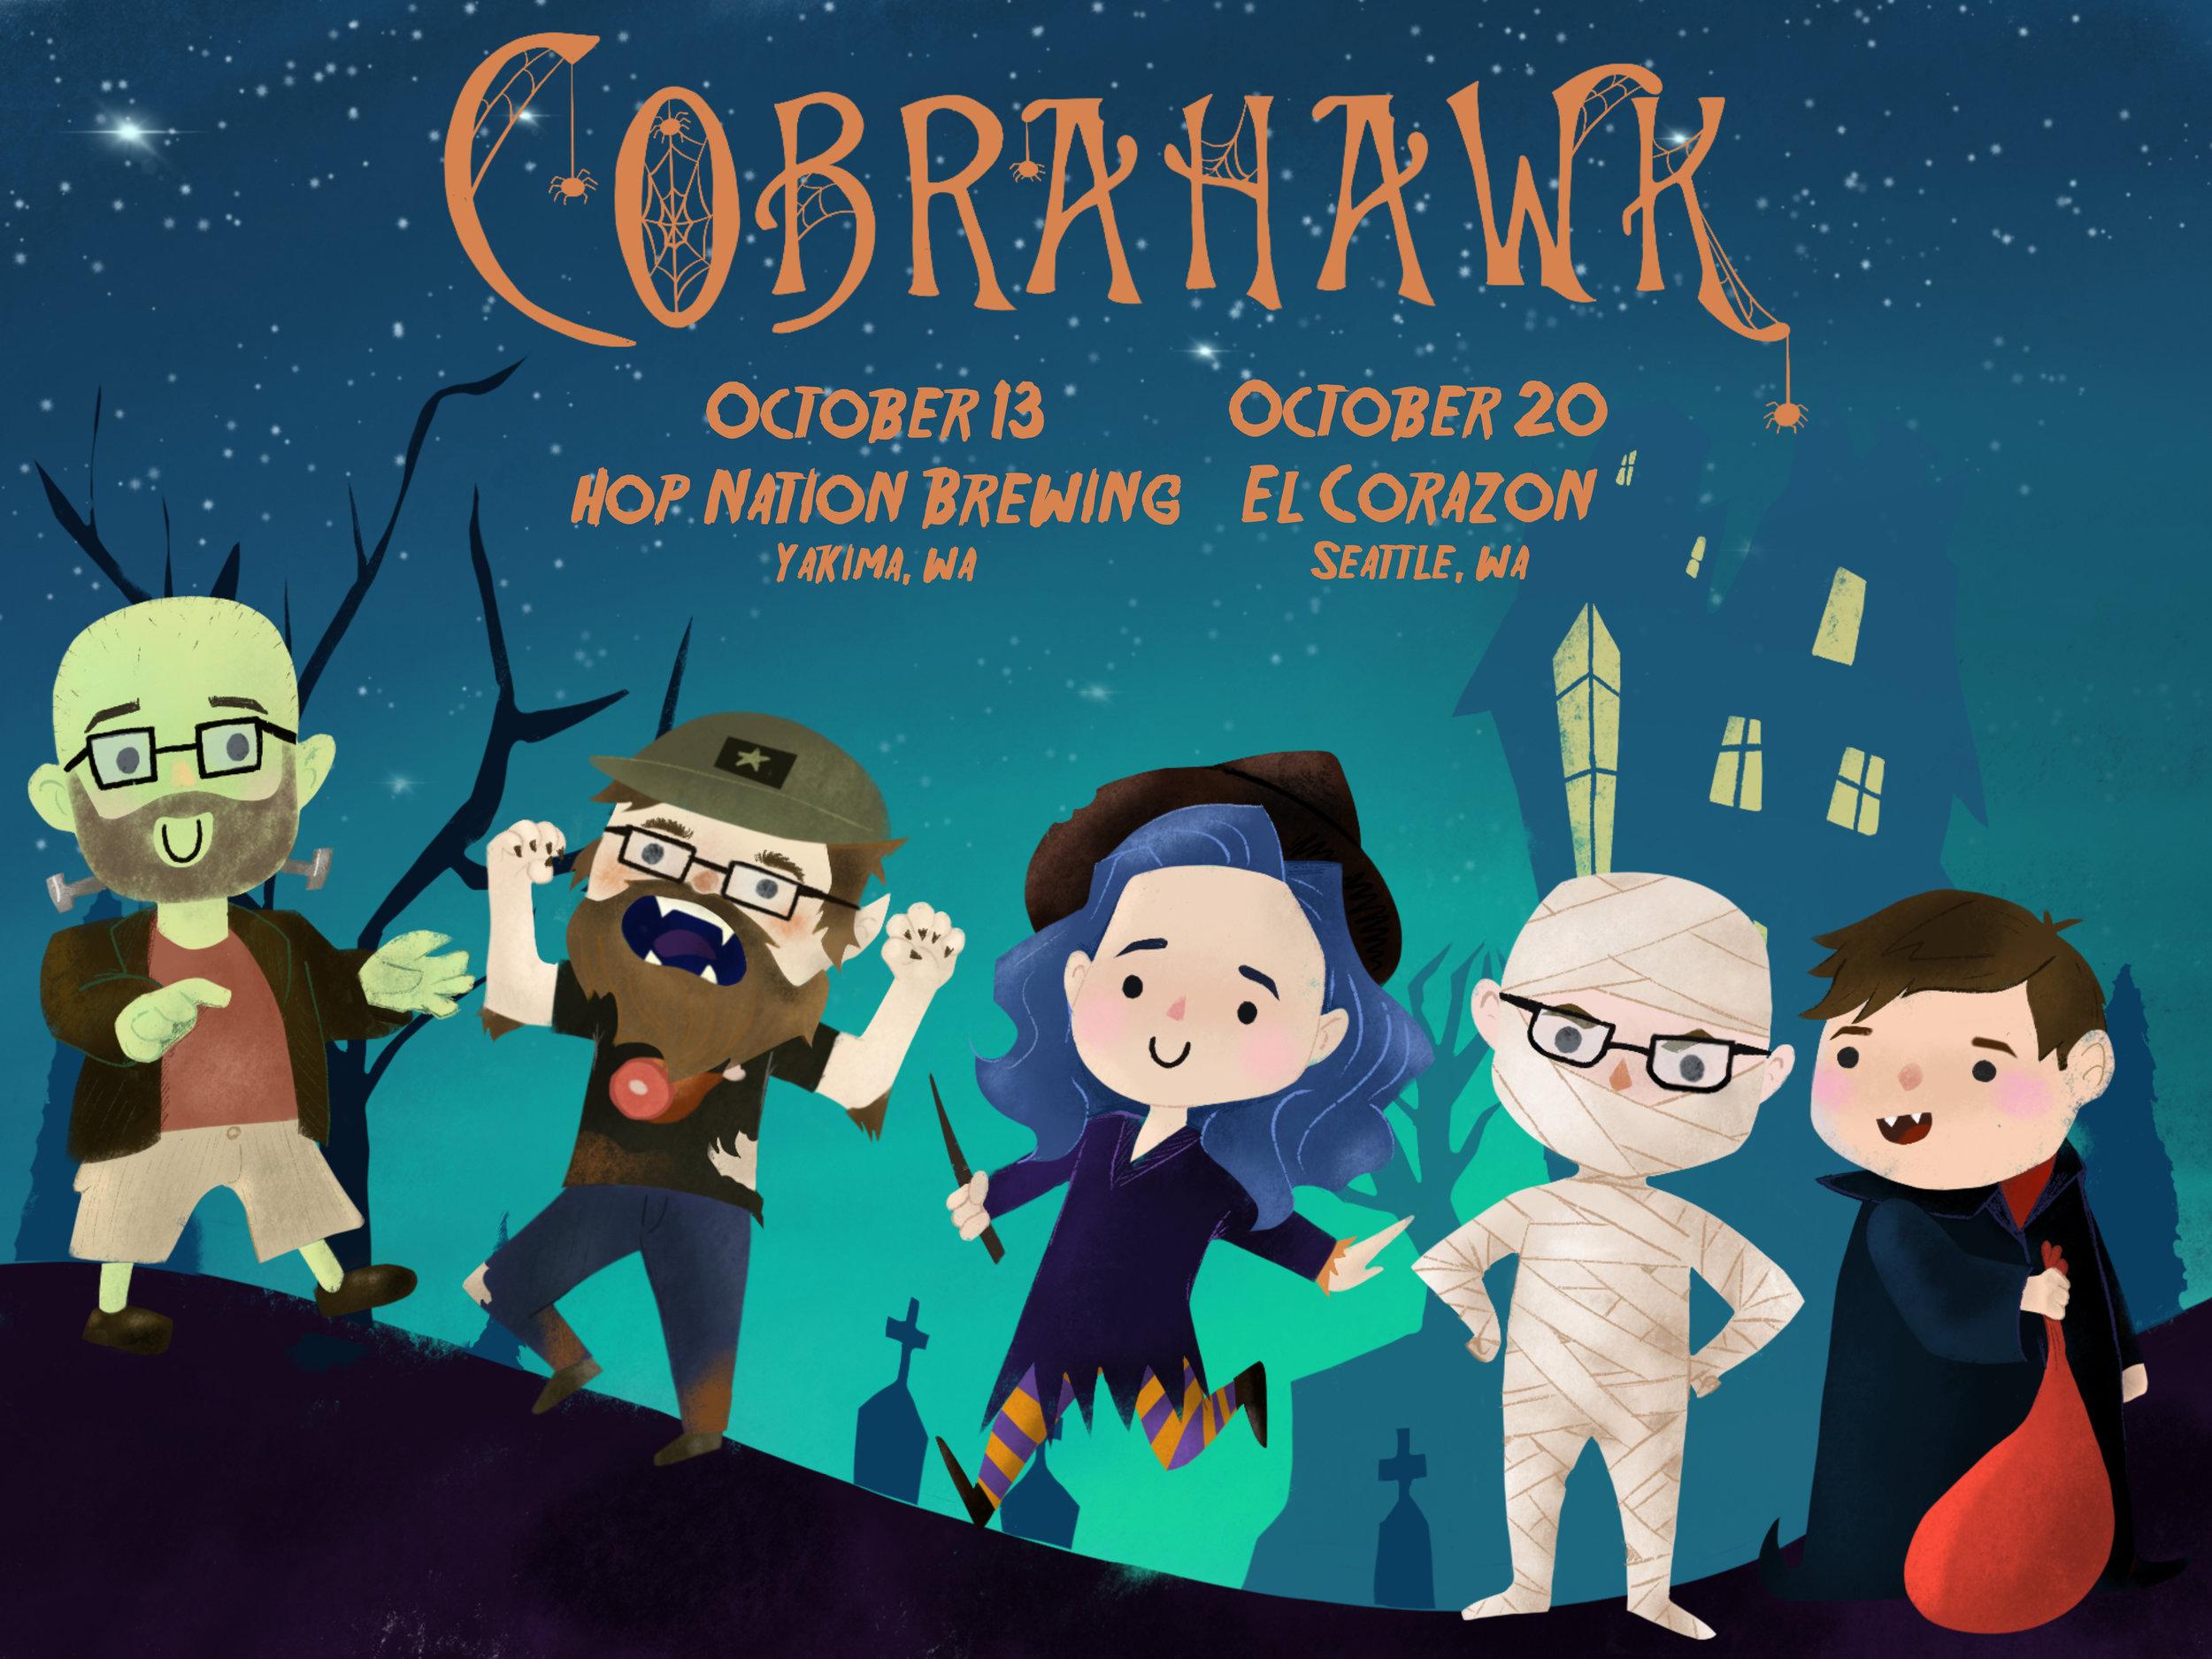 cobrahawk_halloween_goldenbook.jpg